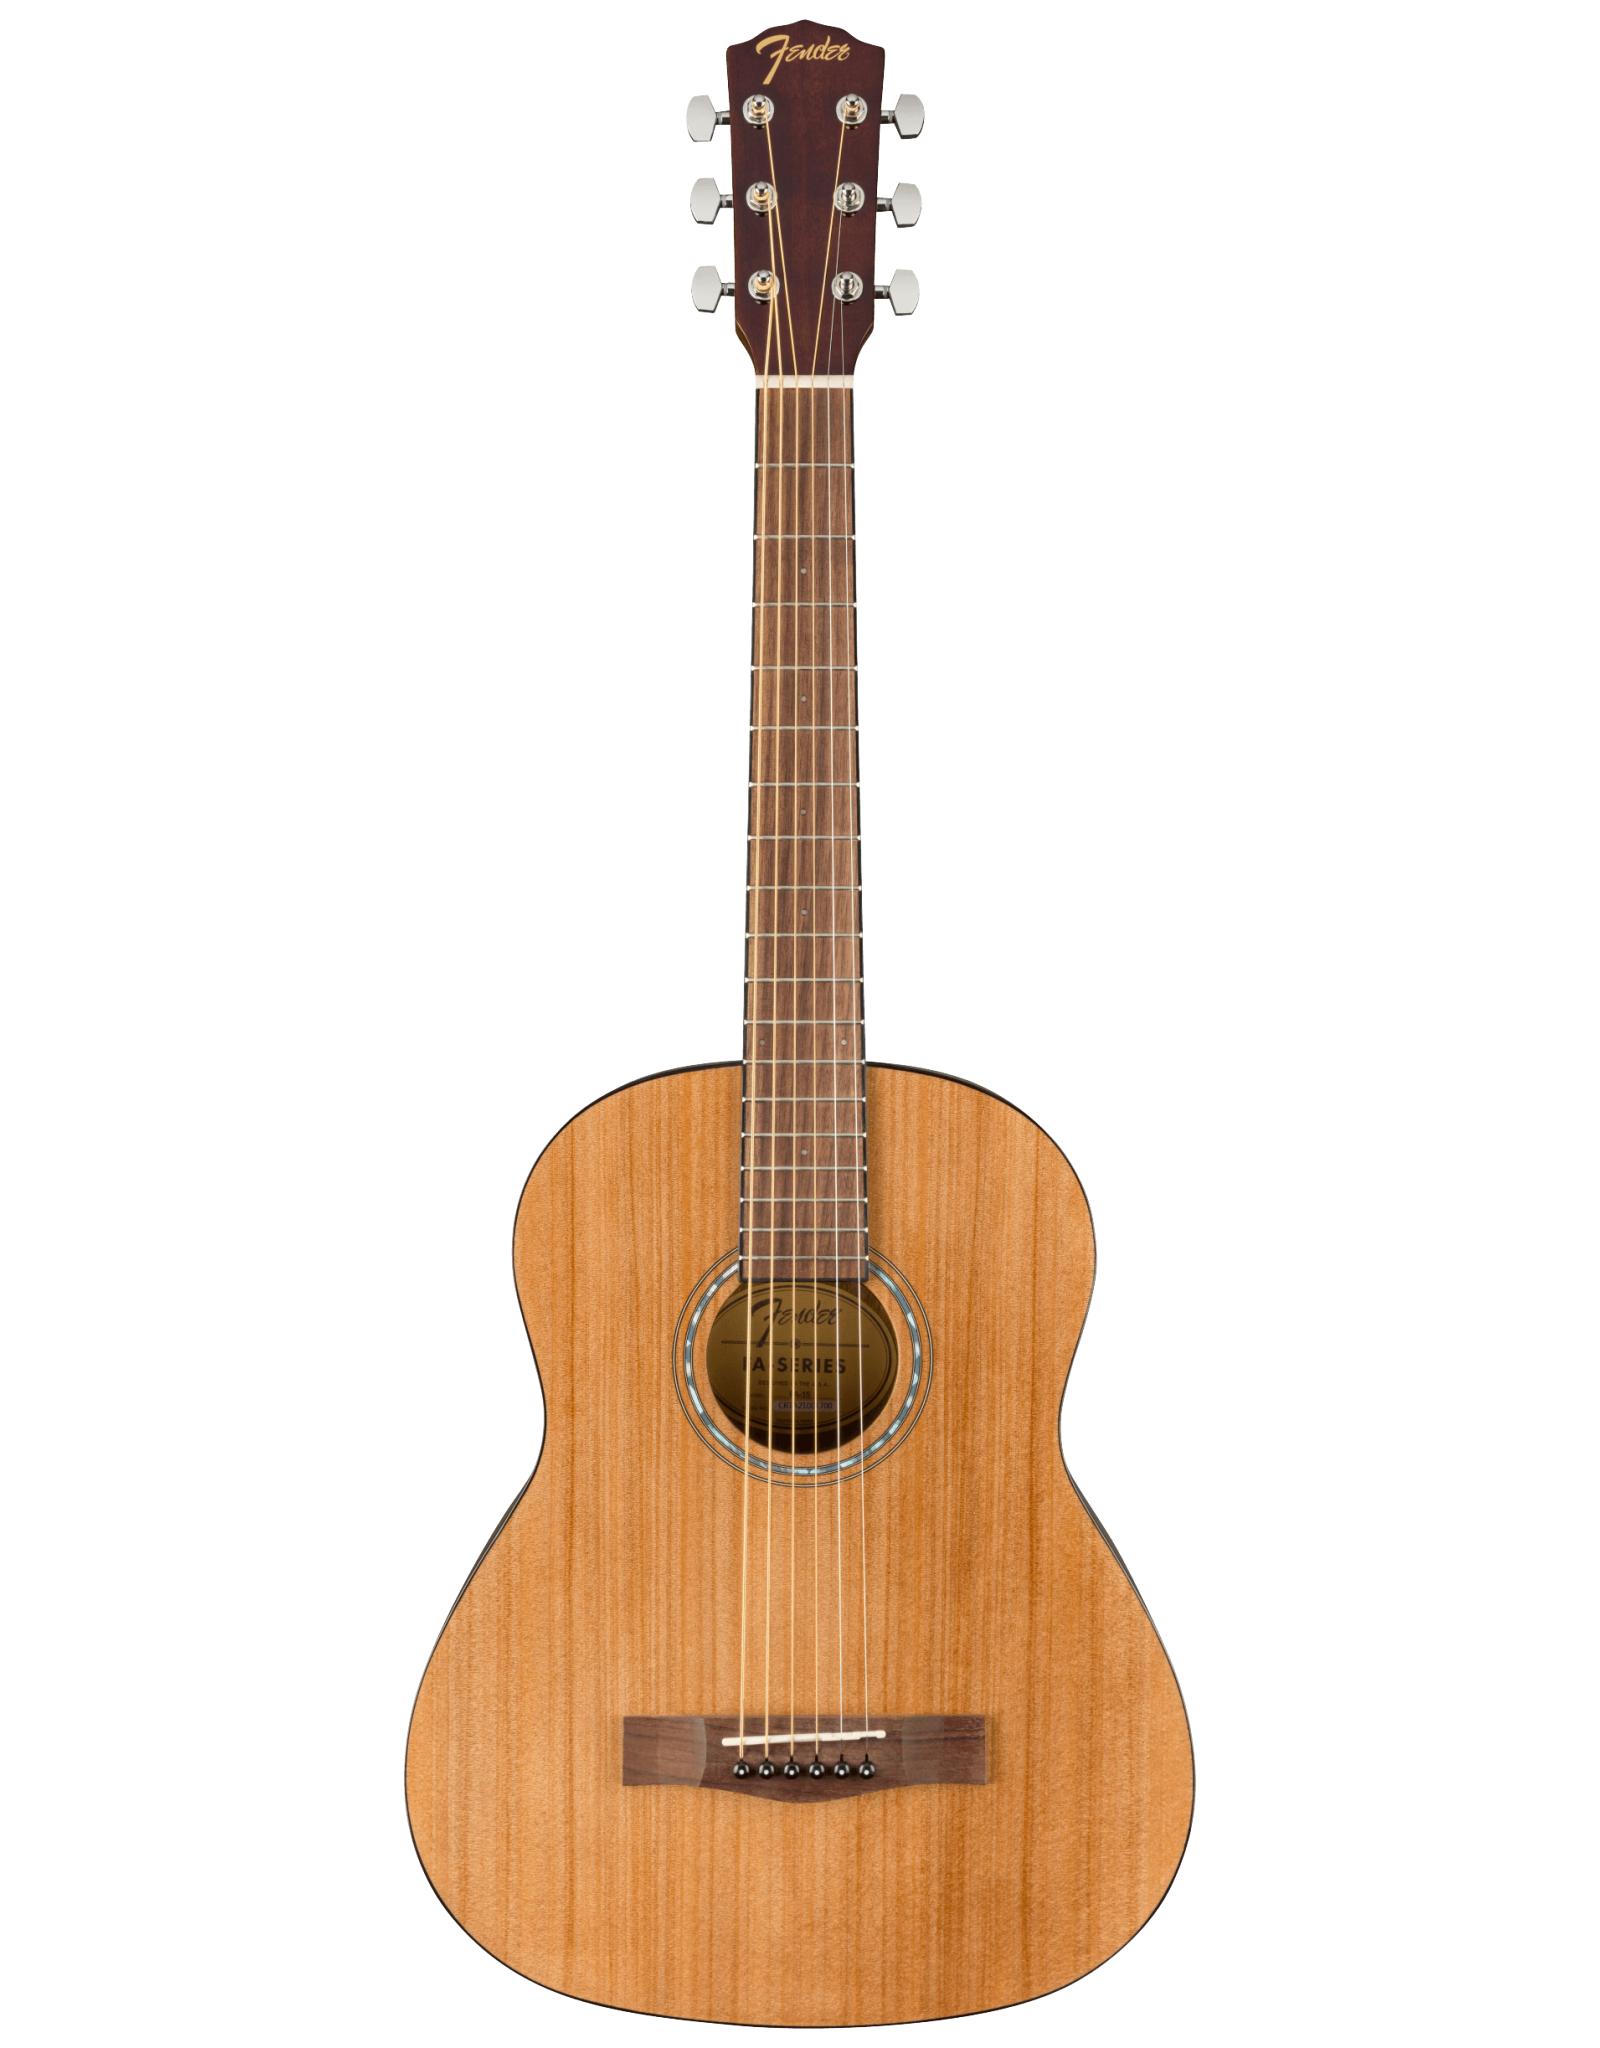 Fender Fender  FA-15 3/4 Steel String Acoustic, Natural w/Gig Bag